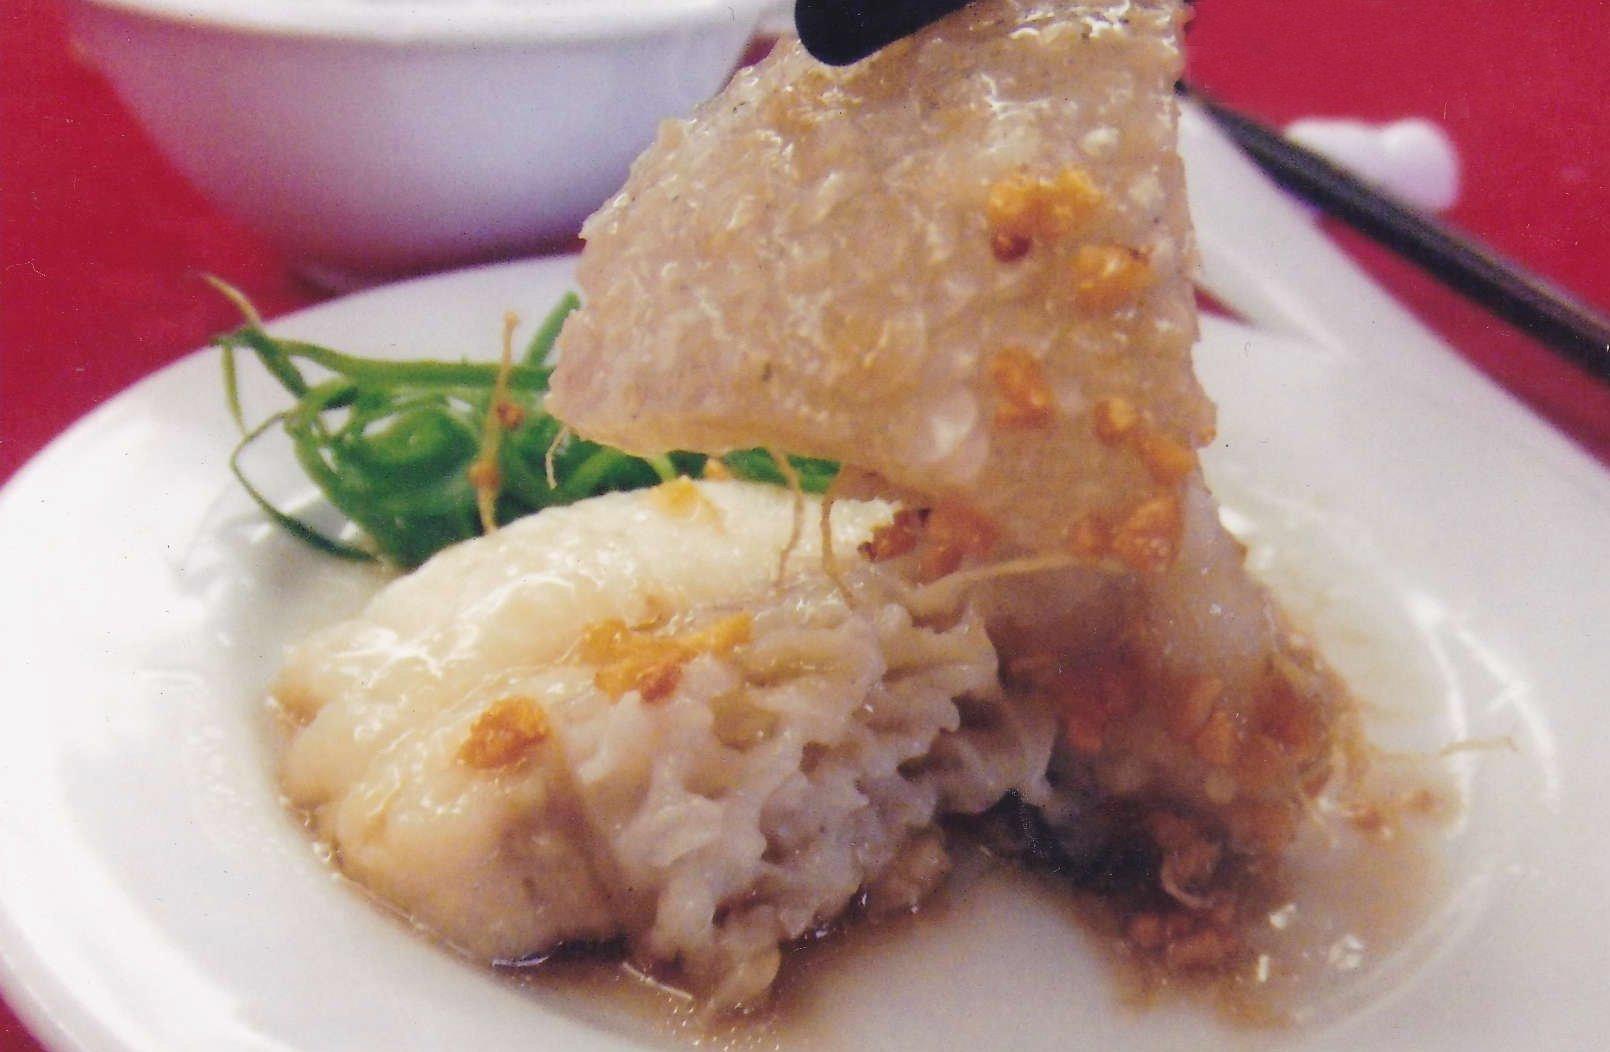 大马食神-陈皮蒸龙趸皮以酱油蒸